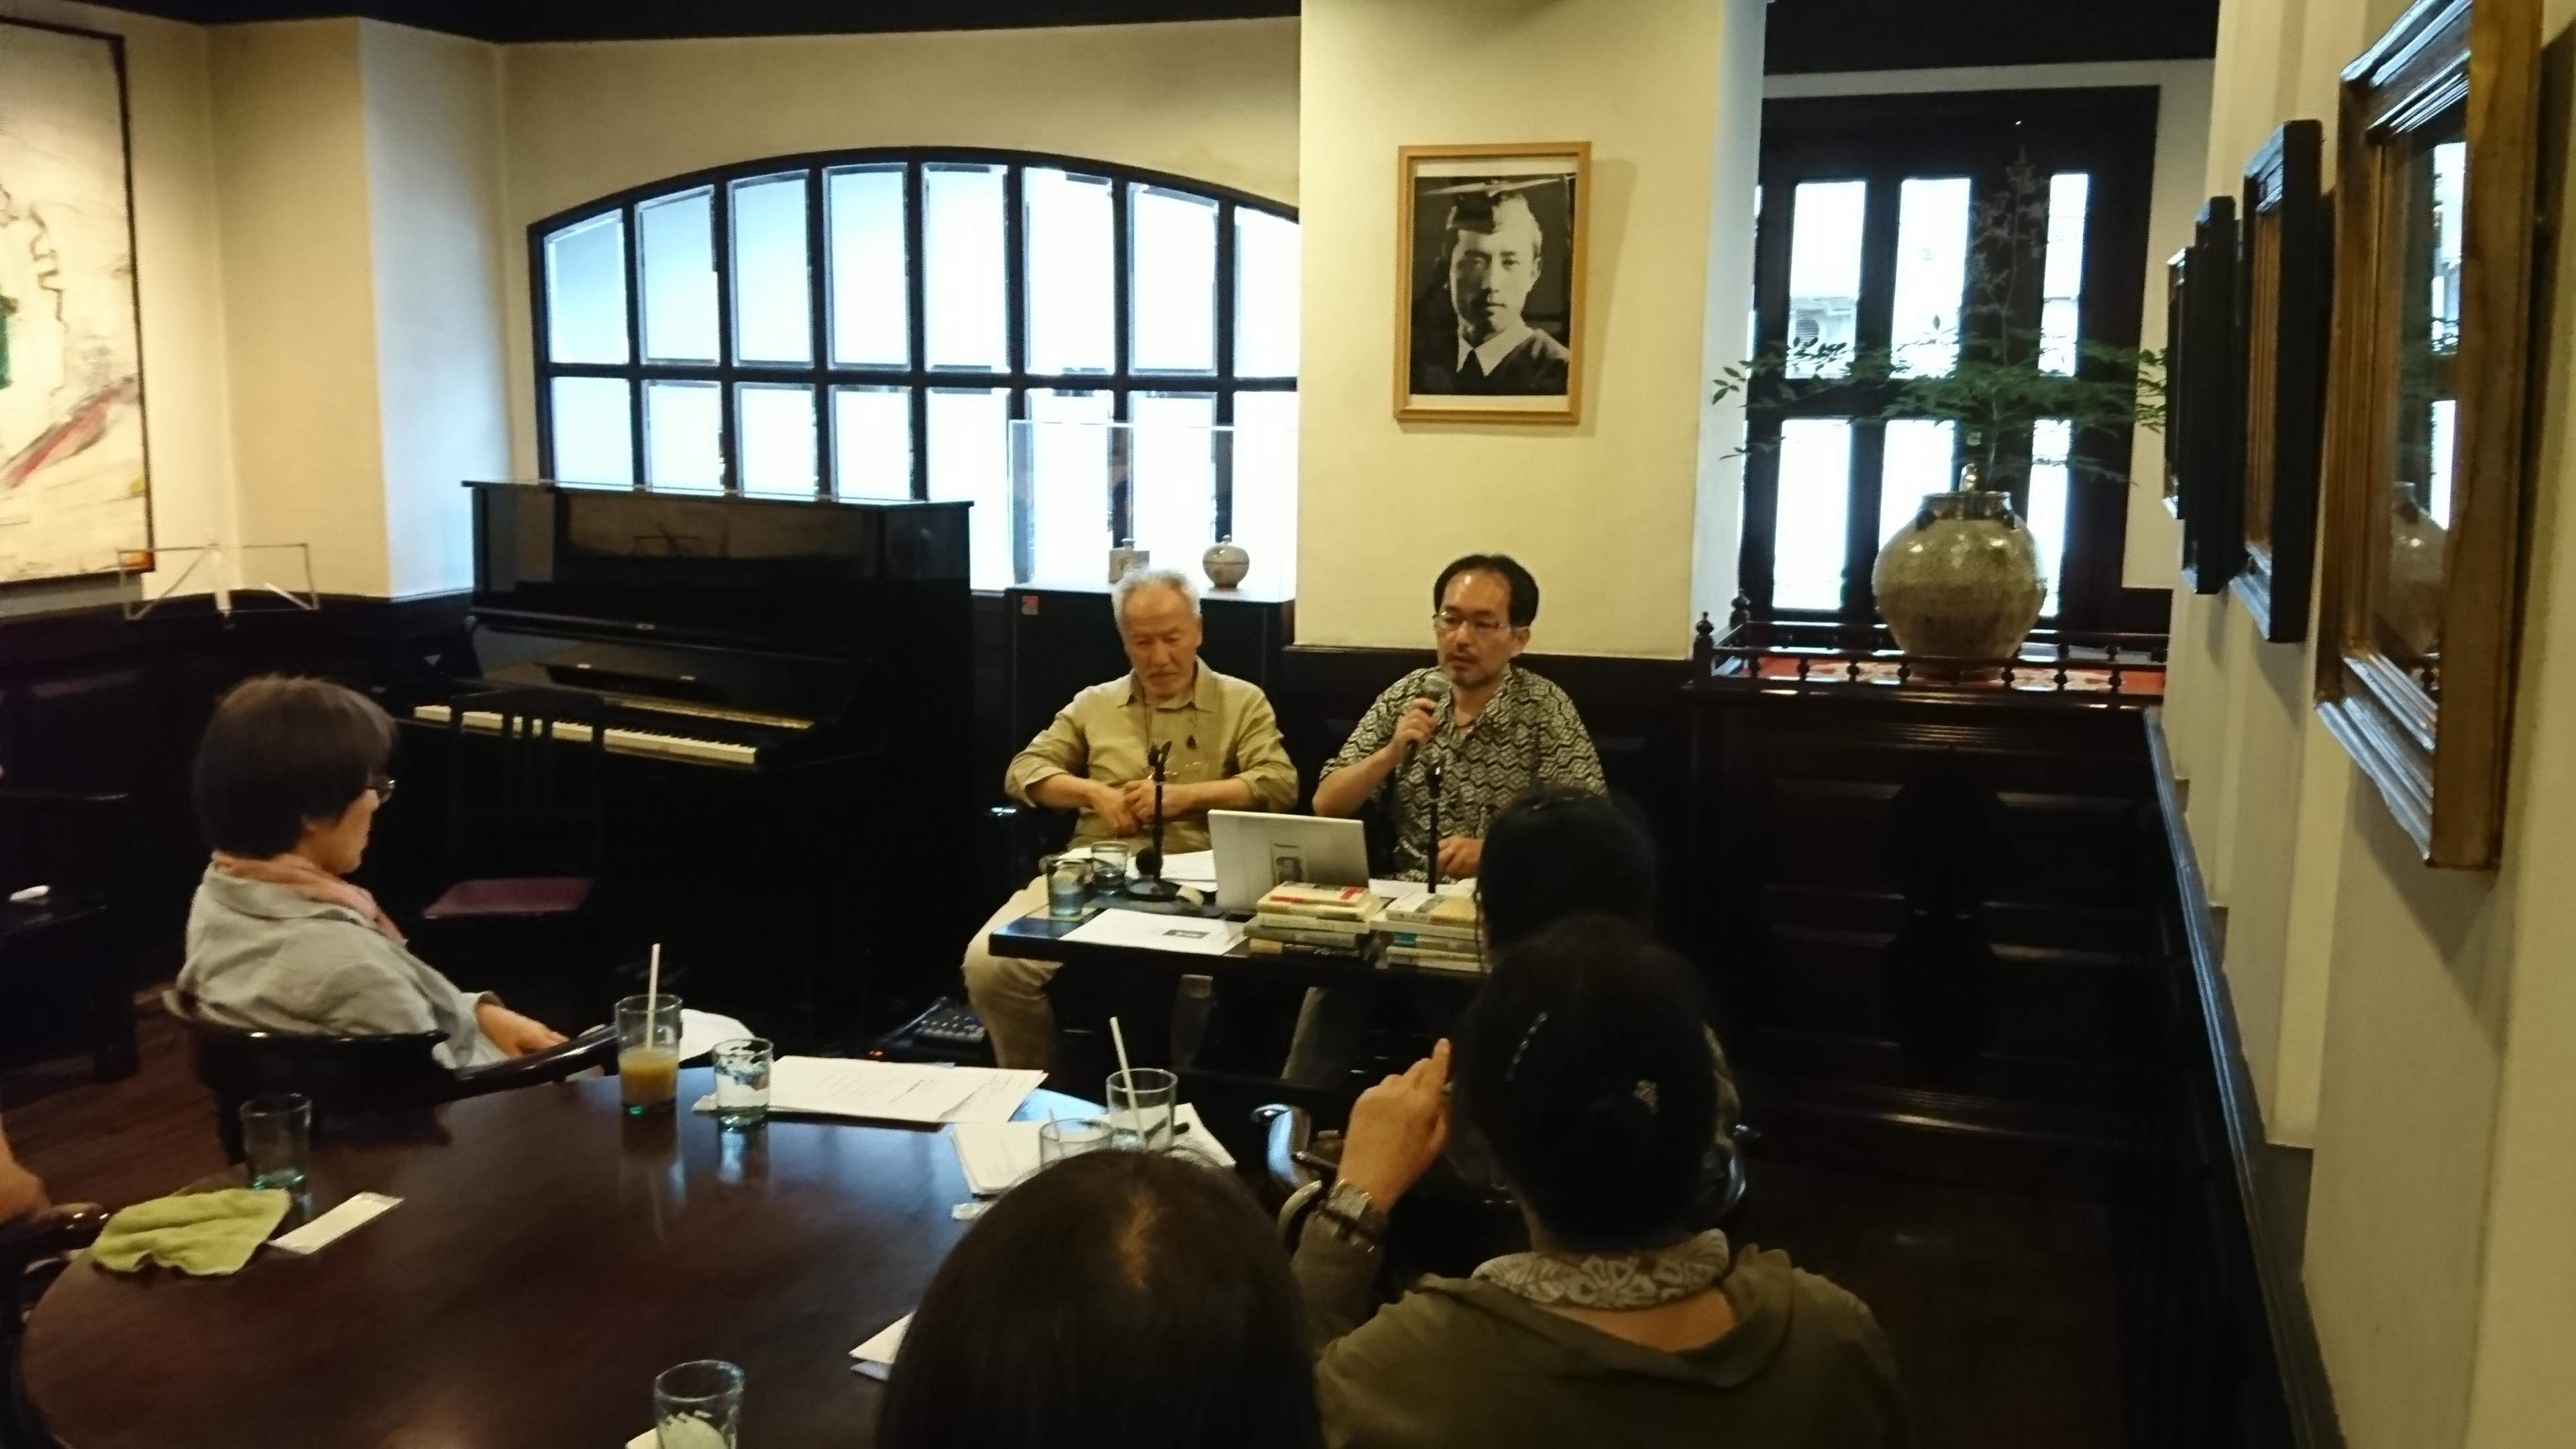 愛沢革さん(左)と中村一成さん